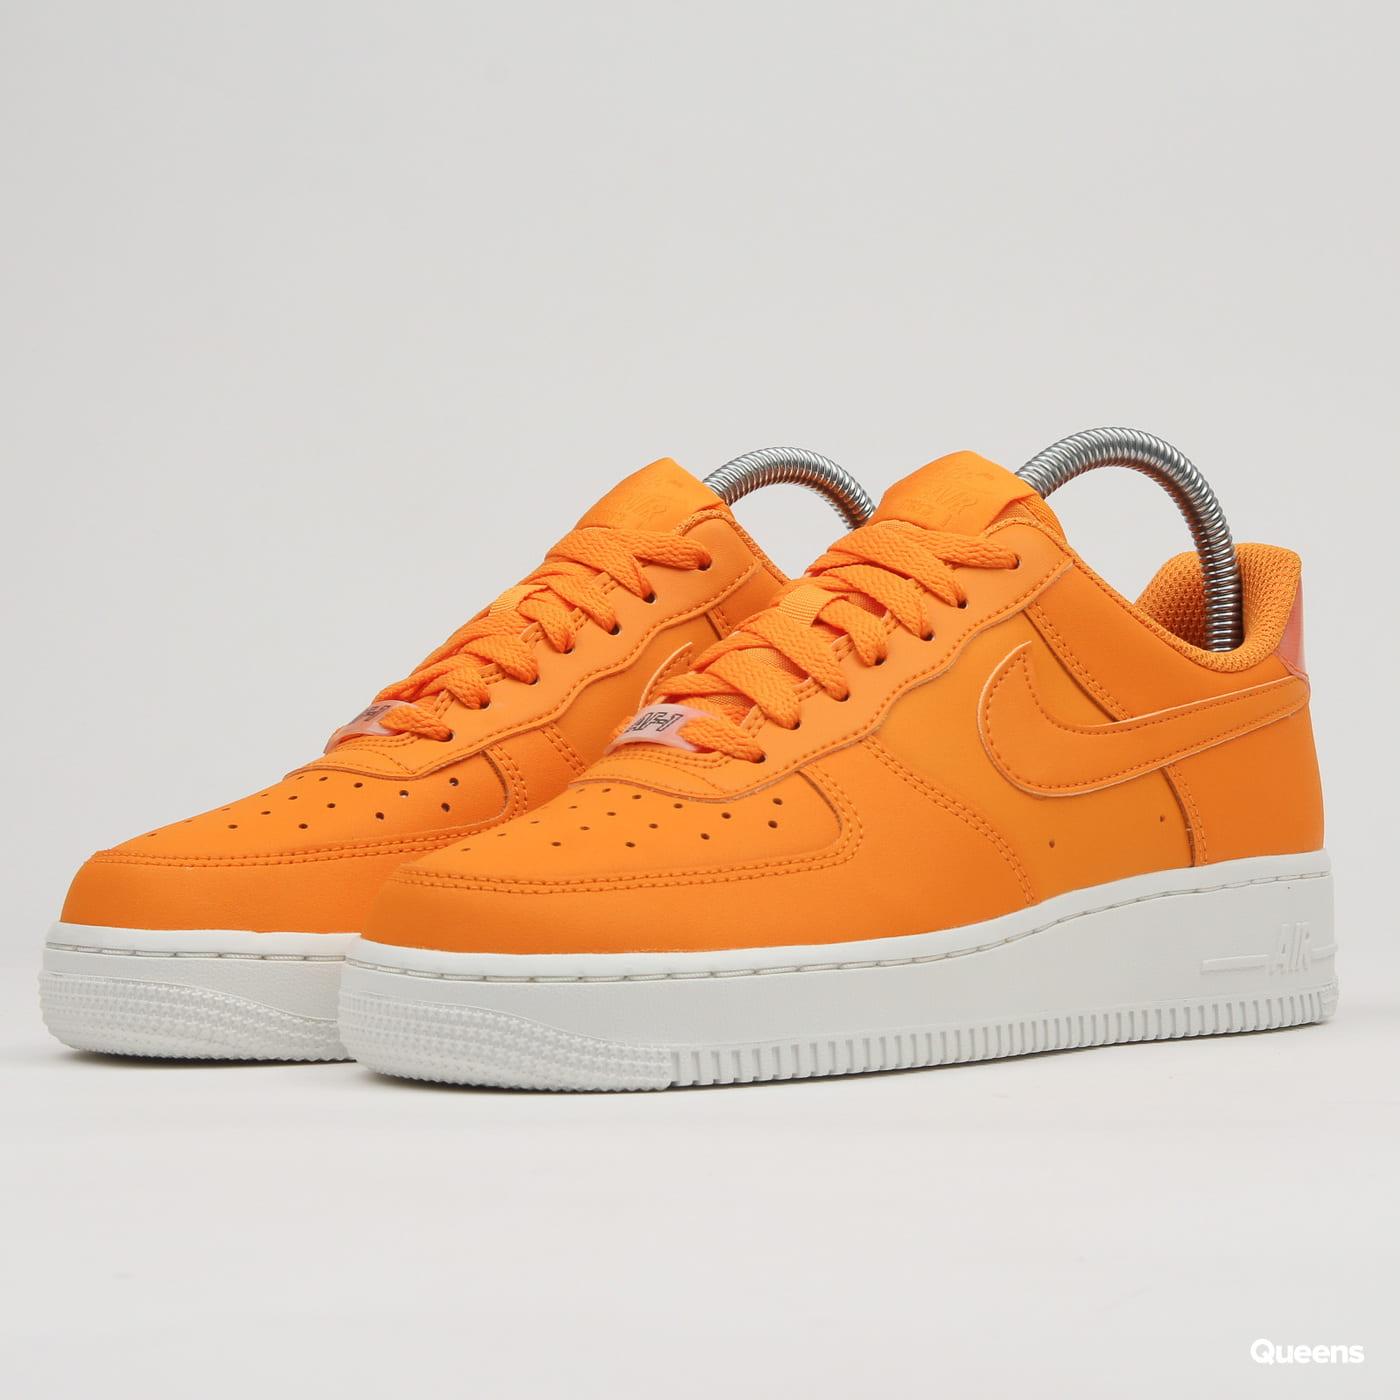 NIKE AIR FORCE 1 MID '07 315123 415 | Dunkelblau | 109,99 ? | Sneaker | ? Sizeer.at ?